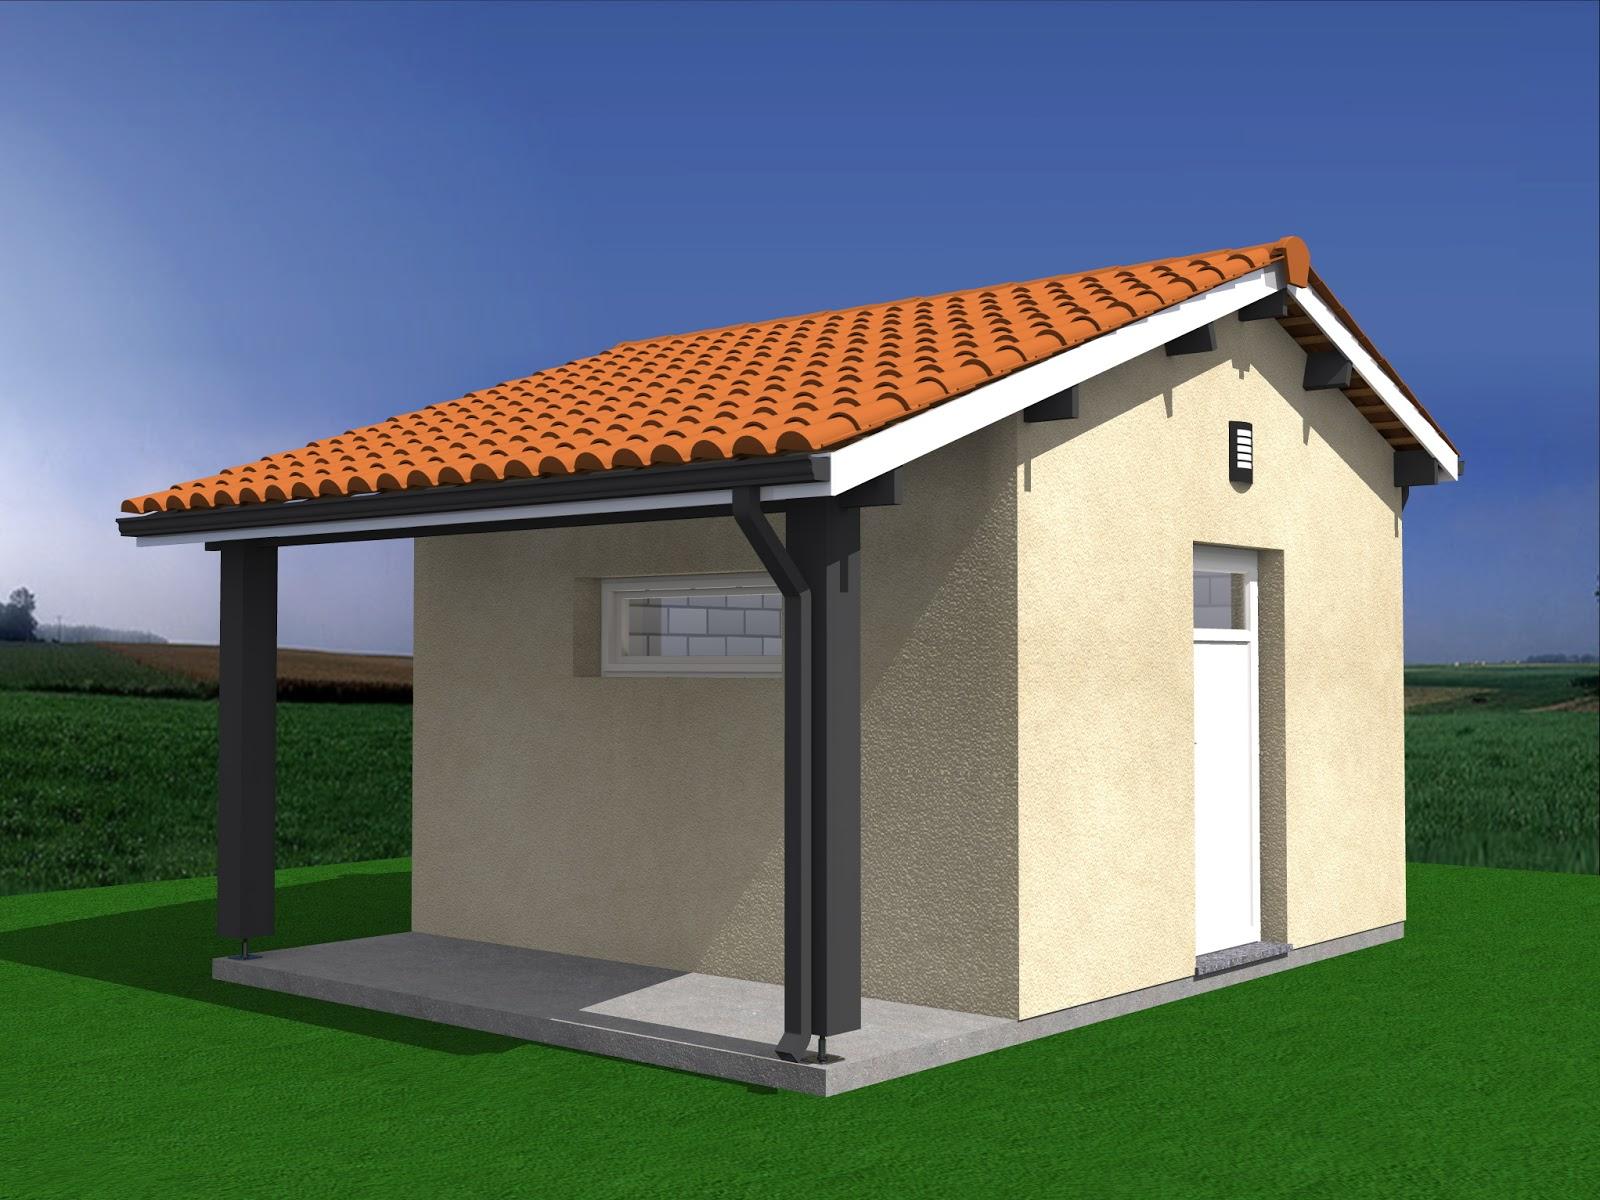 Abri De Jardin 20m2 Projet De Construction Abri De Jardin Auvent 20m2